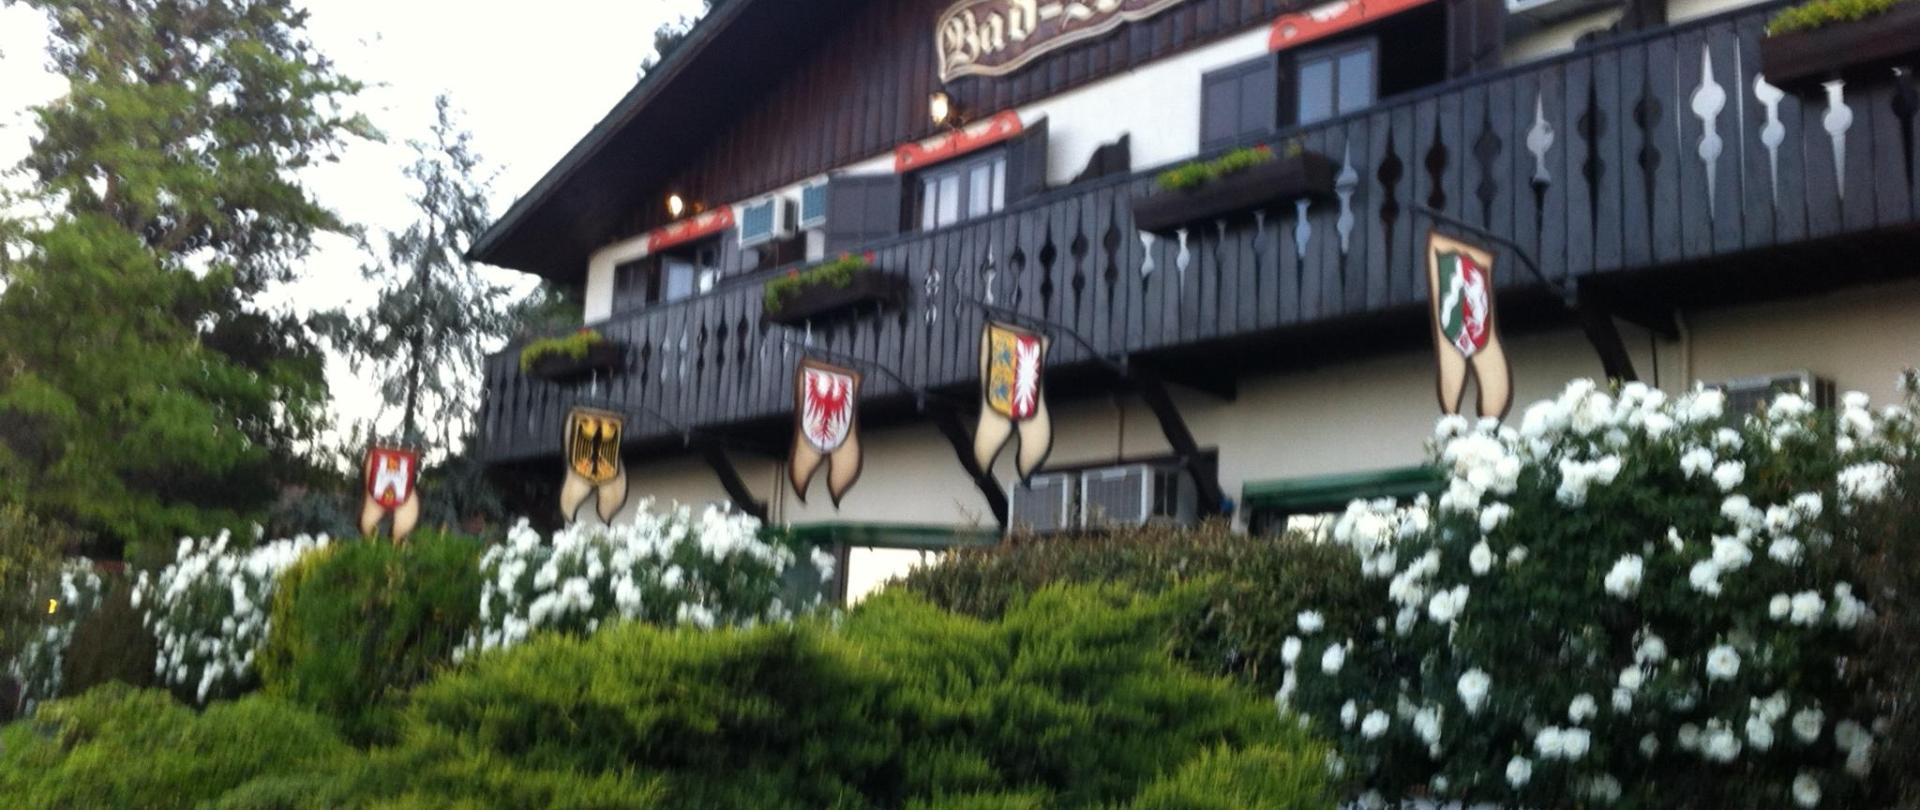 Bad-wiessee Apart Hotel & Spa